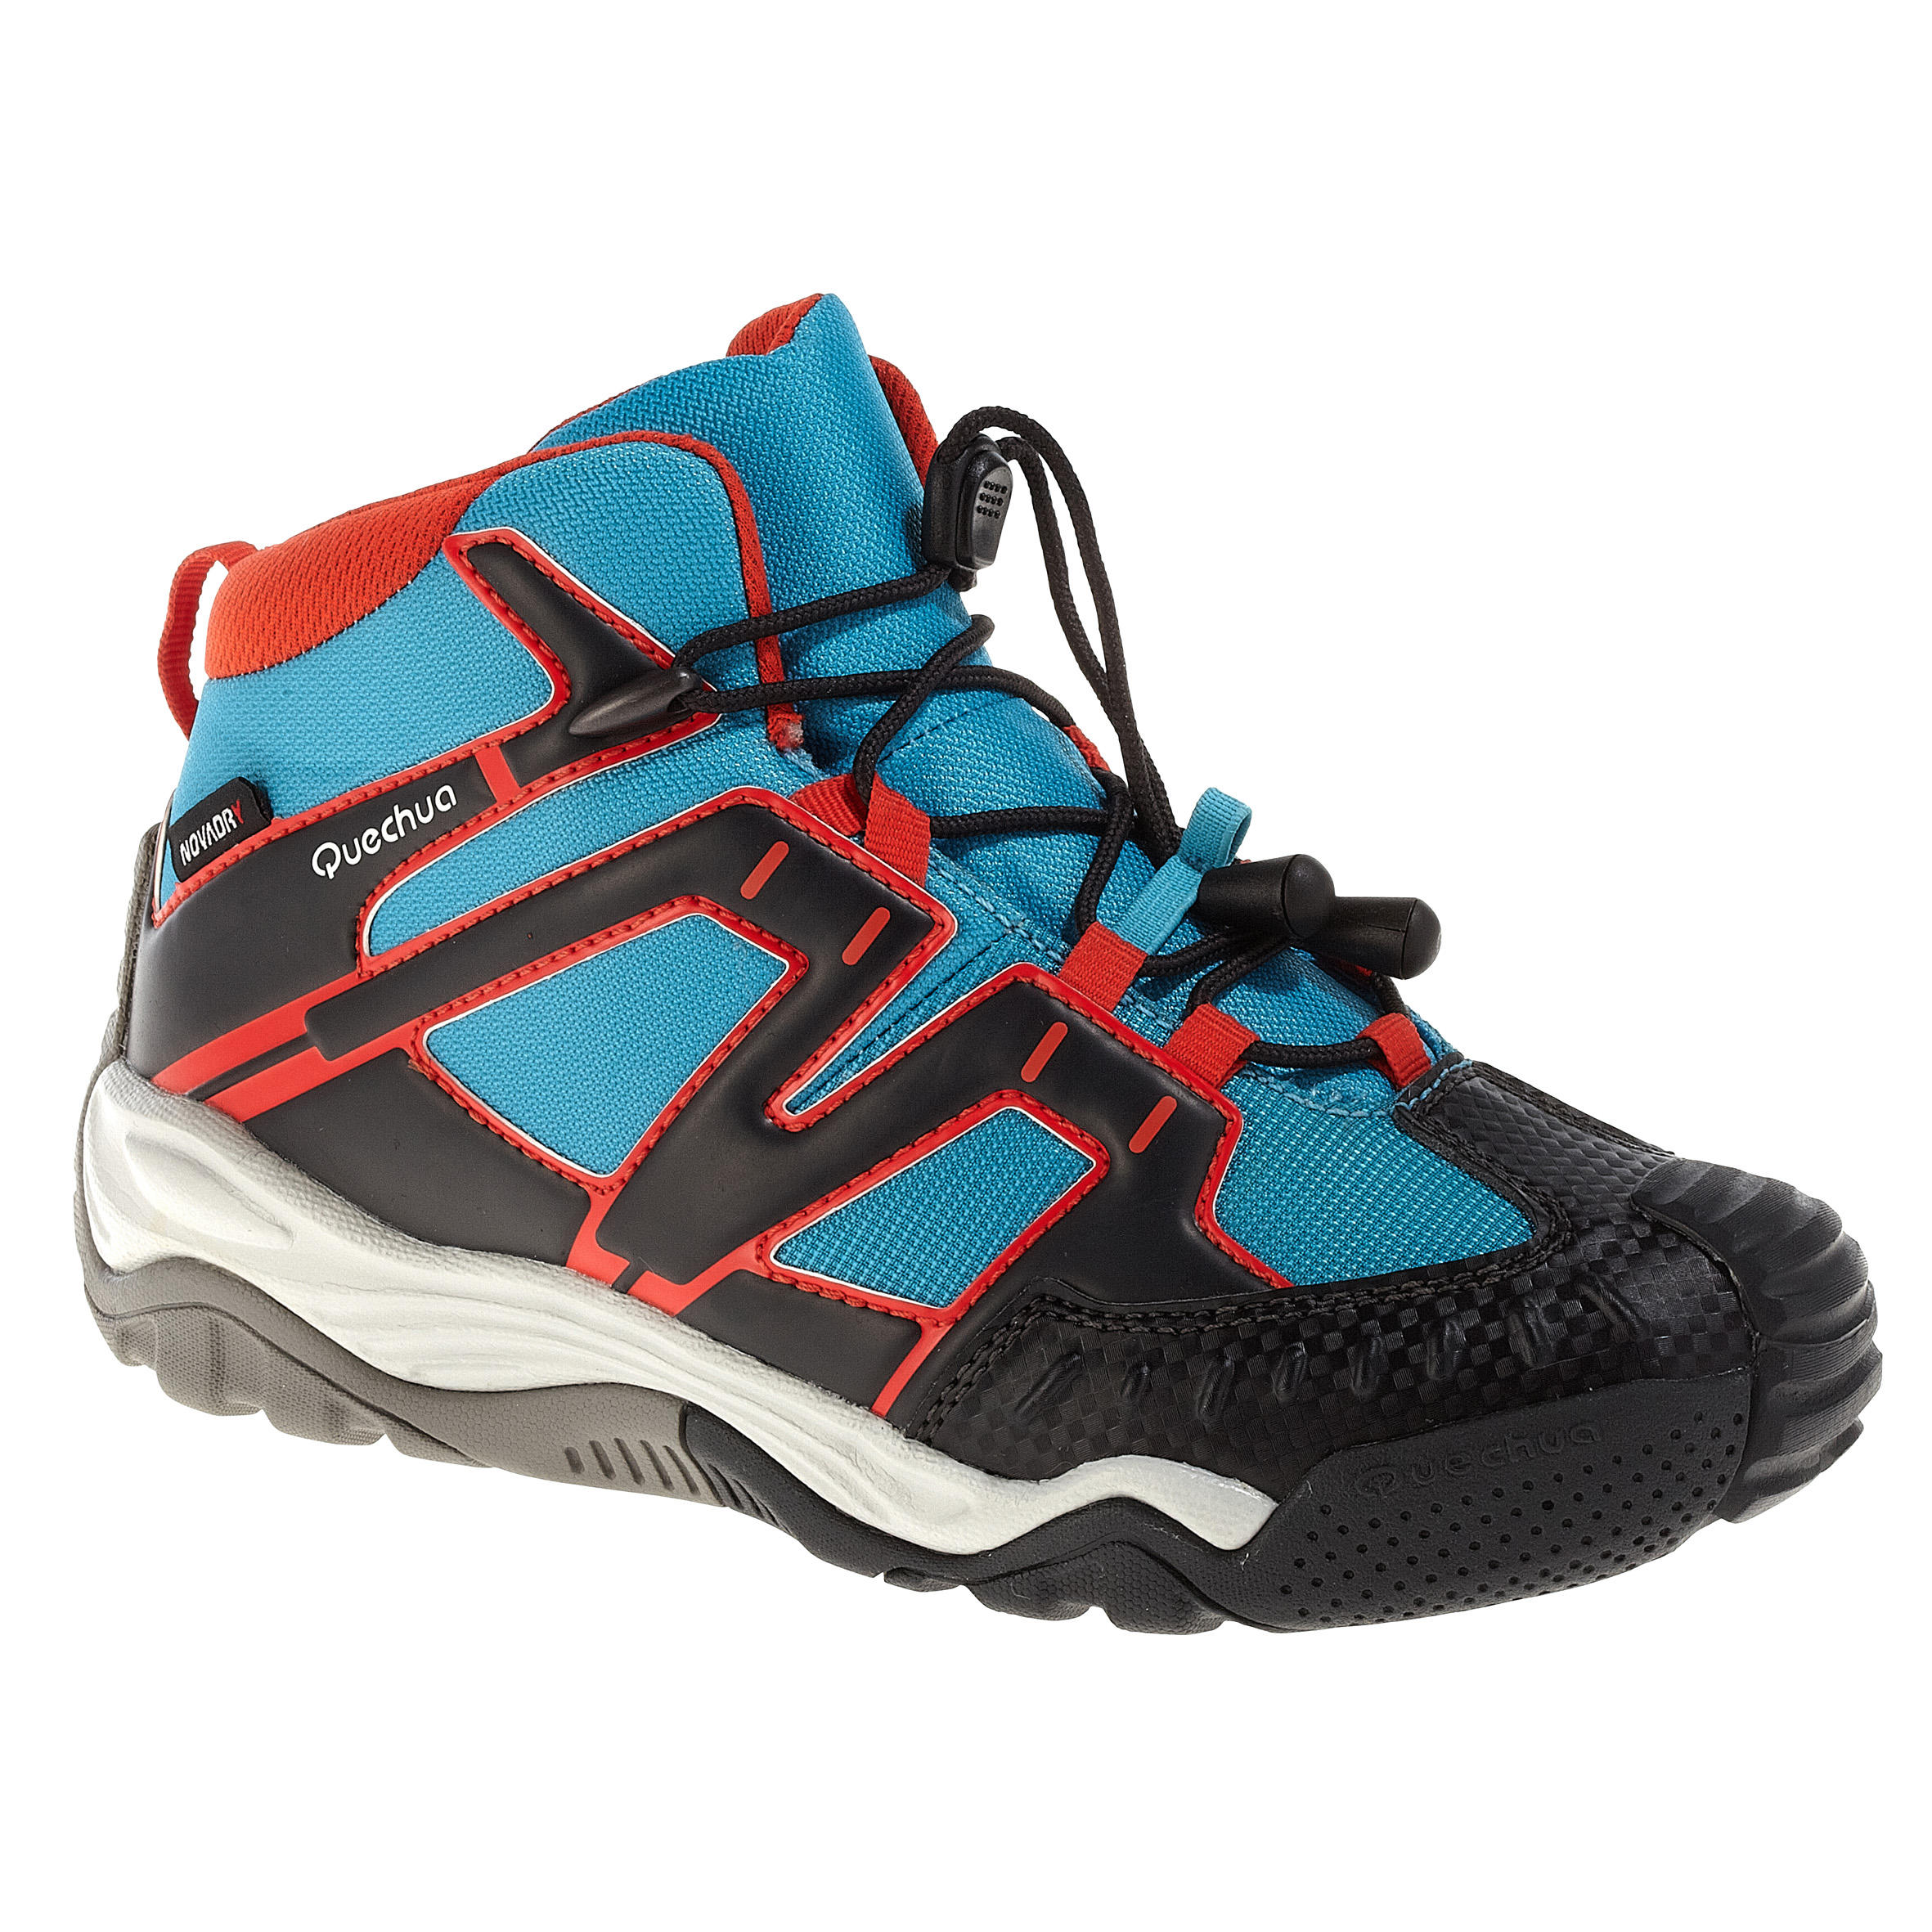 Chaussure Enfant Mid Quechua Imperméable Randonnée Crossrock nm8wN0Ov